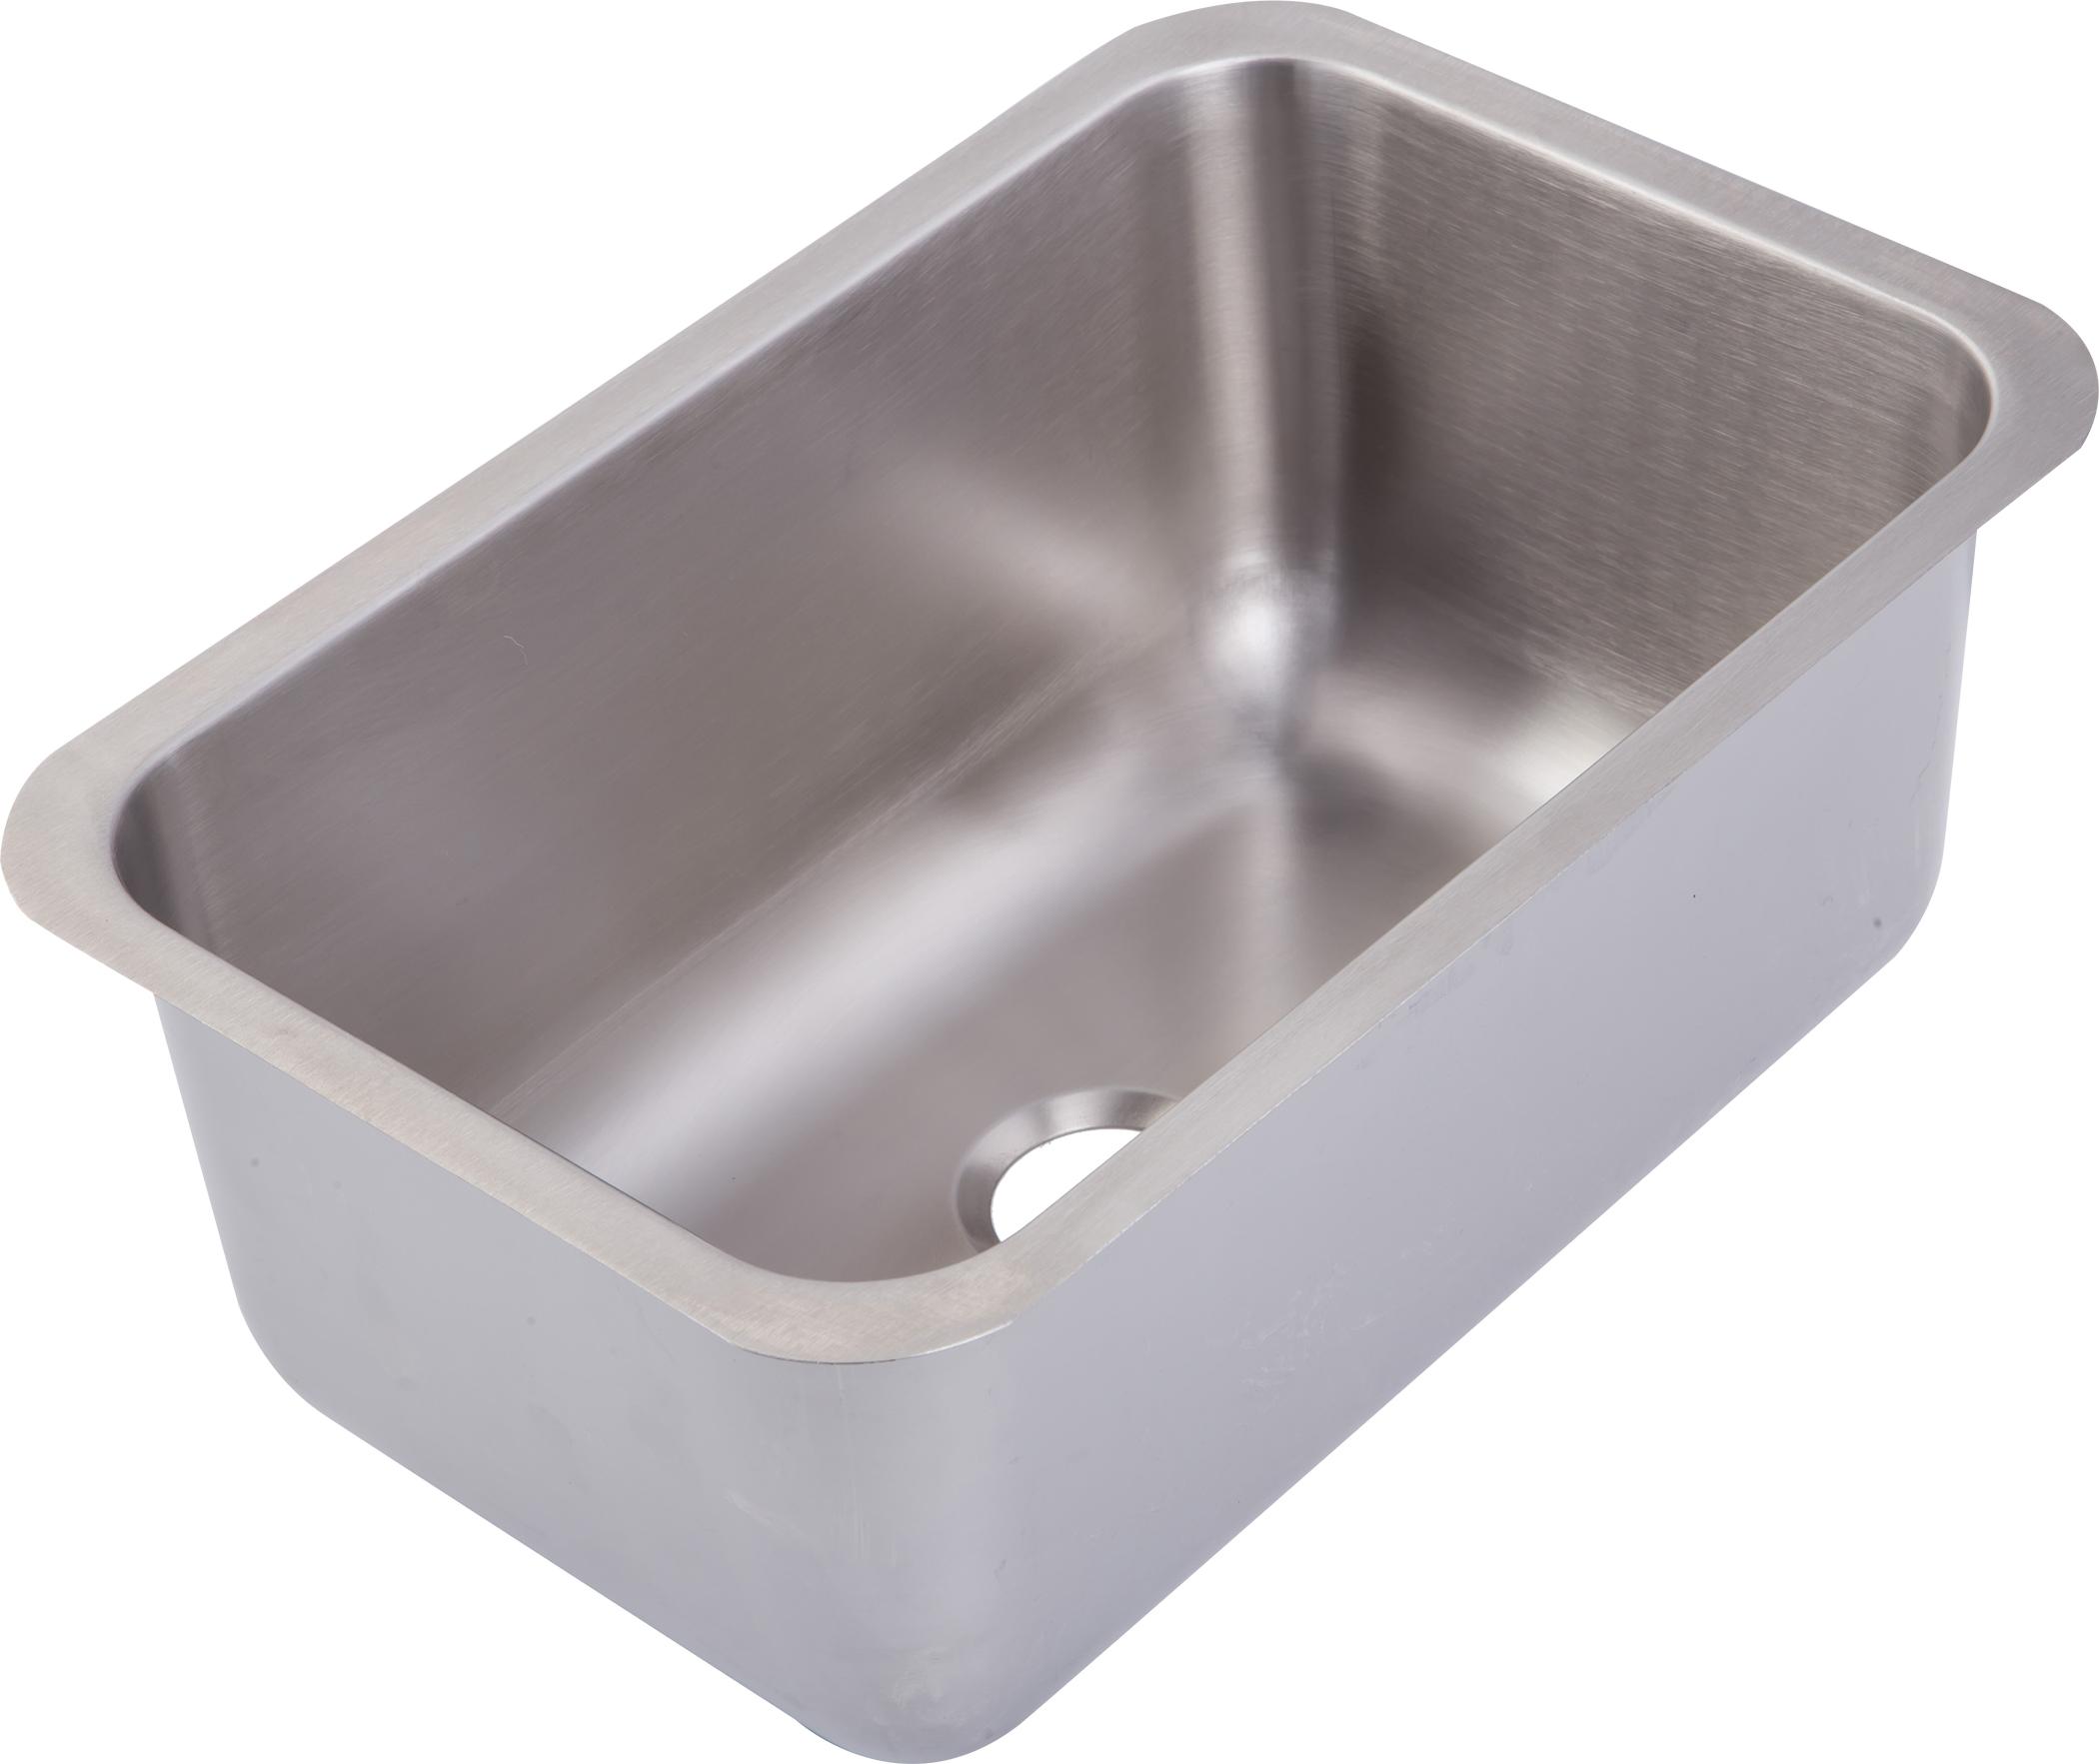 Full Size of Küche Waschbecken Emaille Sieb Für Küche Waschbecken Küche Waschbecken Verschluss Küche Waschbecken Verstopft Küche Küche Waschbecken